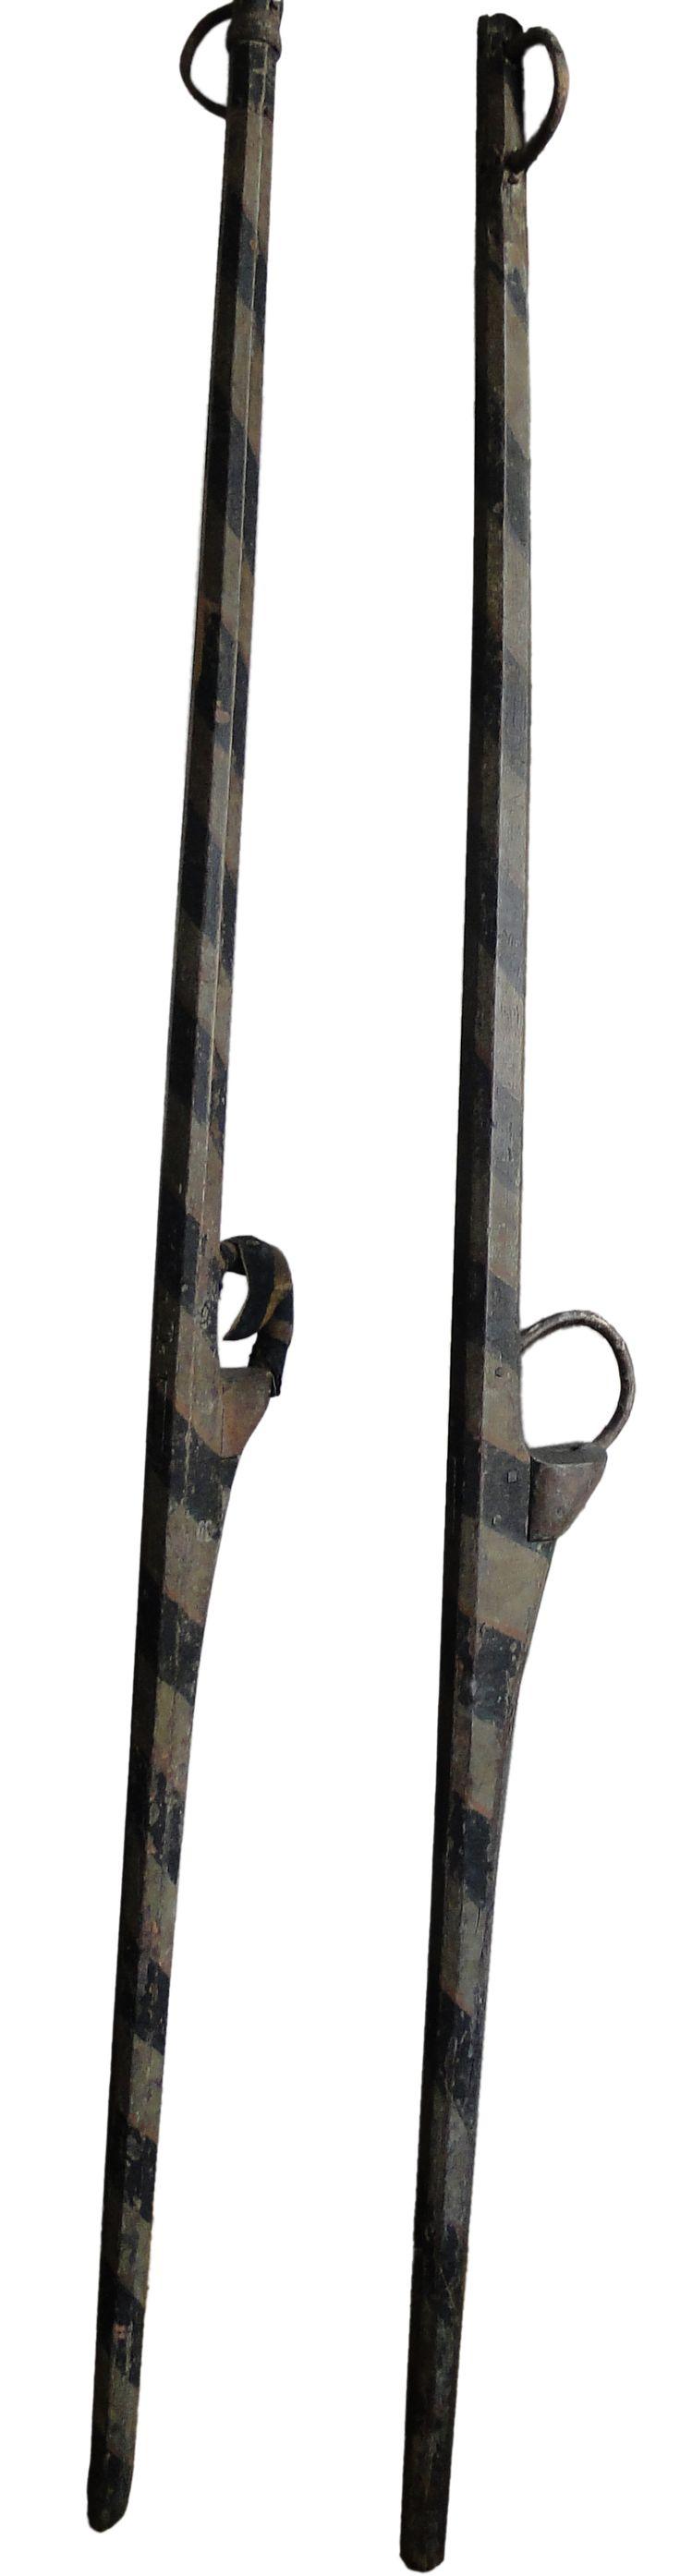 300 years old stilts. Stilts History ! Property of the Archelogical Society of Namur (Belgium). They were used to joust on stilts. Paire d'échasses vieilles de 300 ans. Propriété de la Société Archéologique de Namur (Belgique). Echasses de joute typique de la pratique namuroise des échasses.